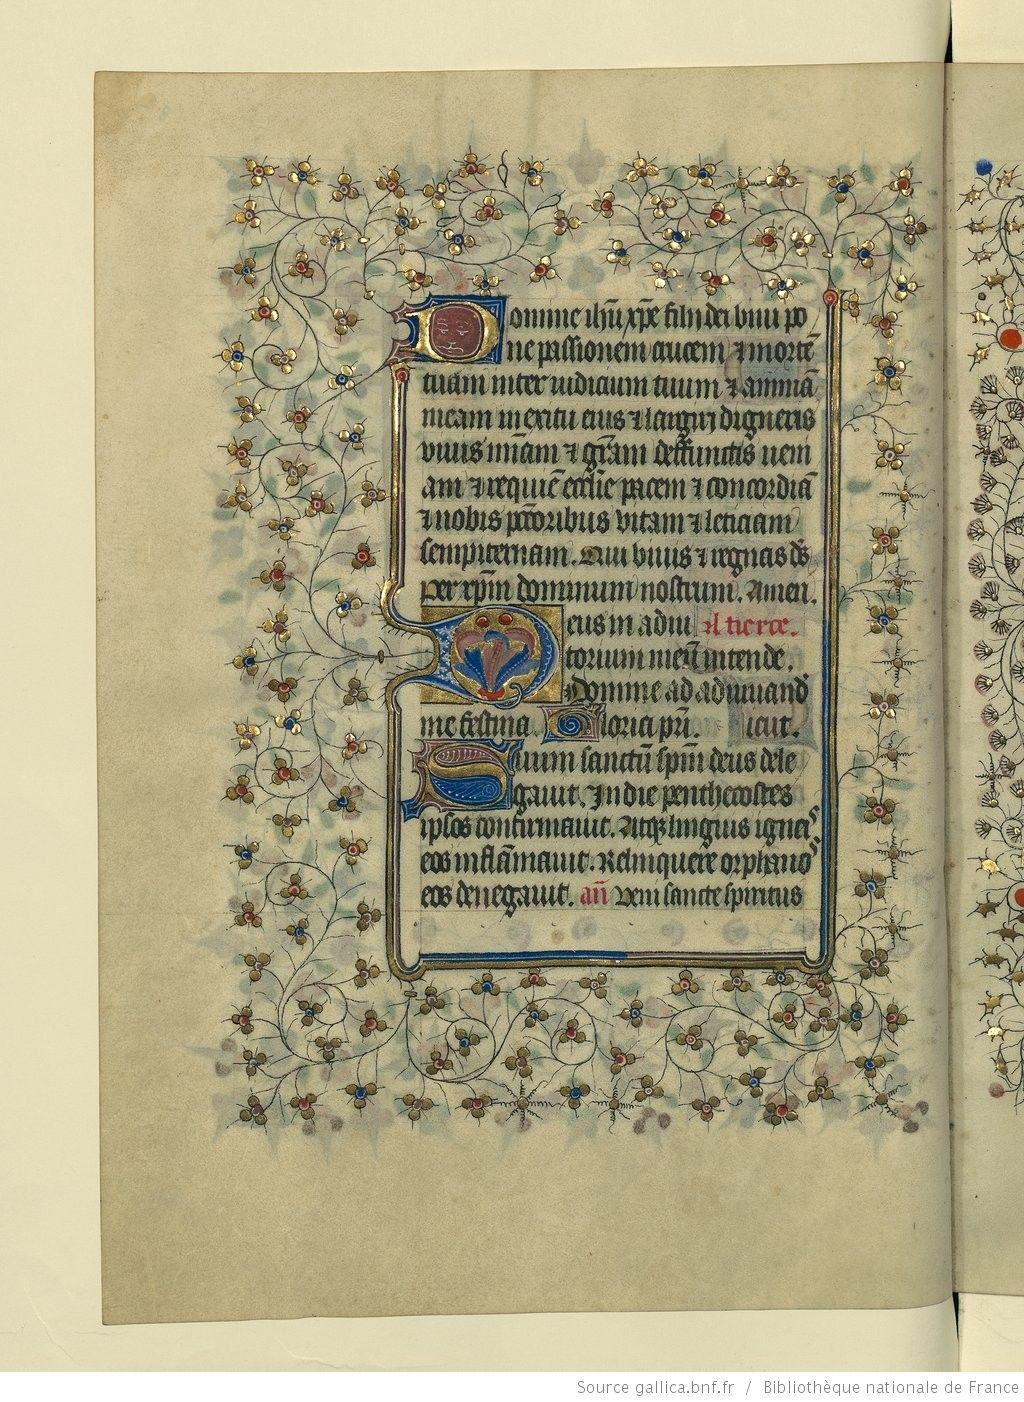 vue 72 - folio 33v